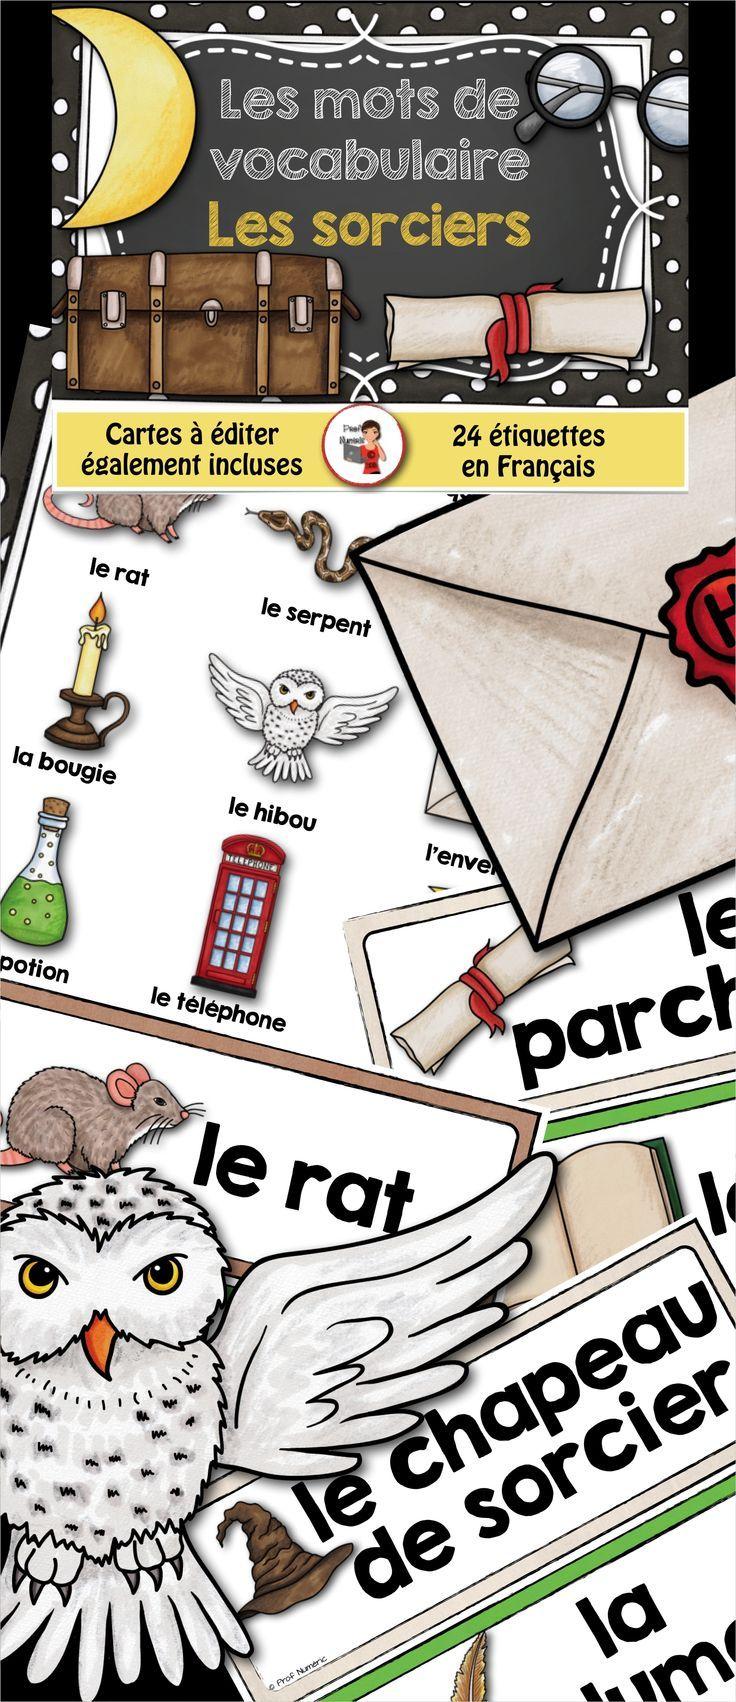 24 mots de vocabulaire reliés à la thématique des sorciers + 2 lexiques différents.